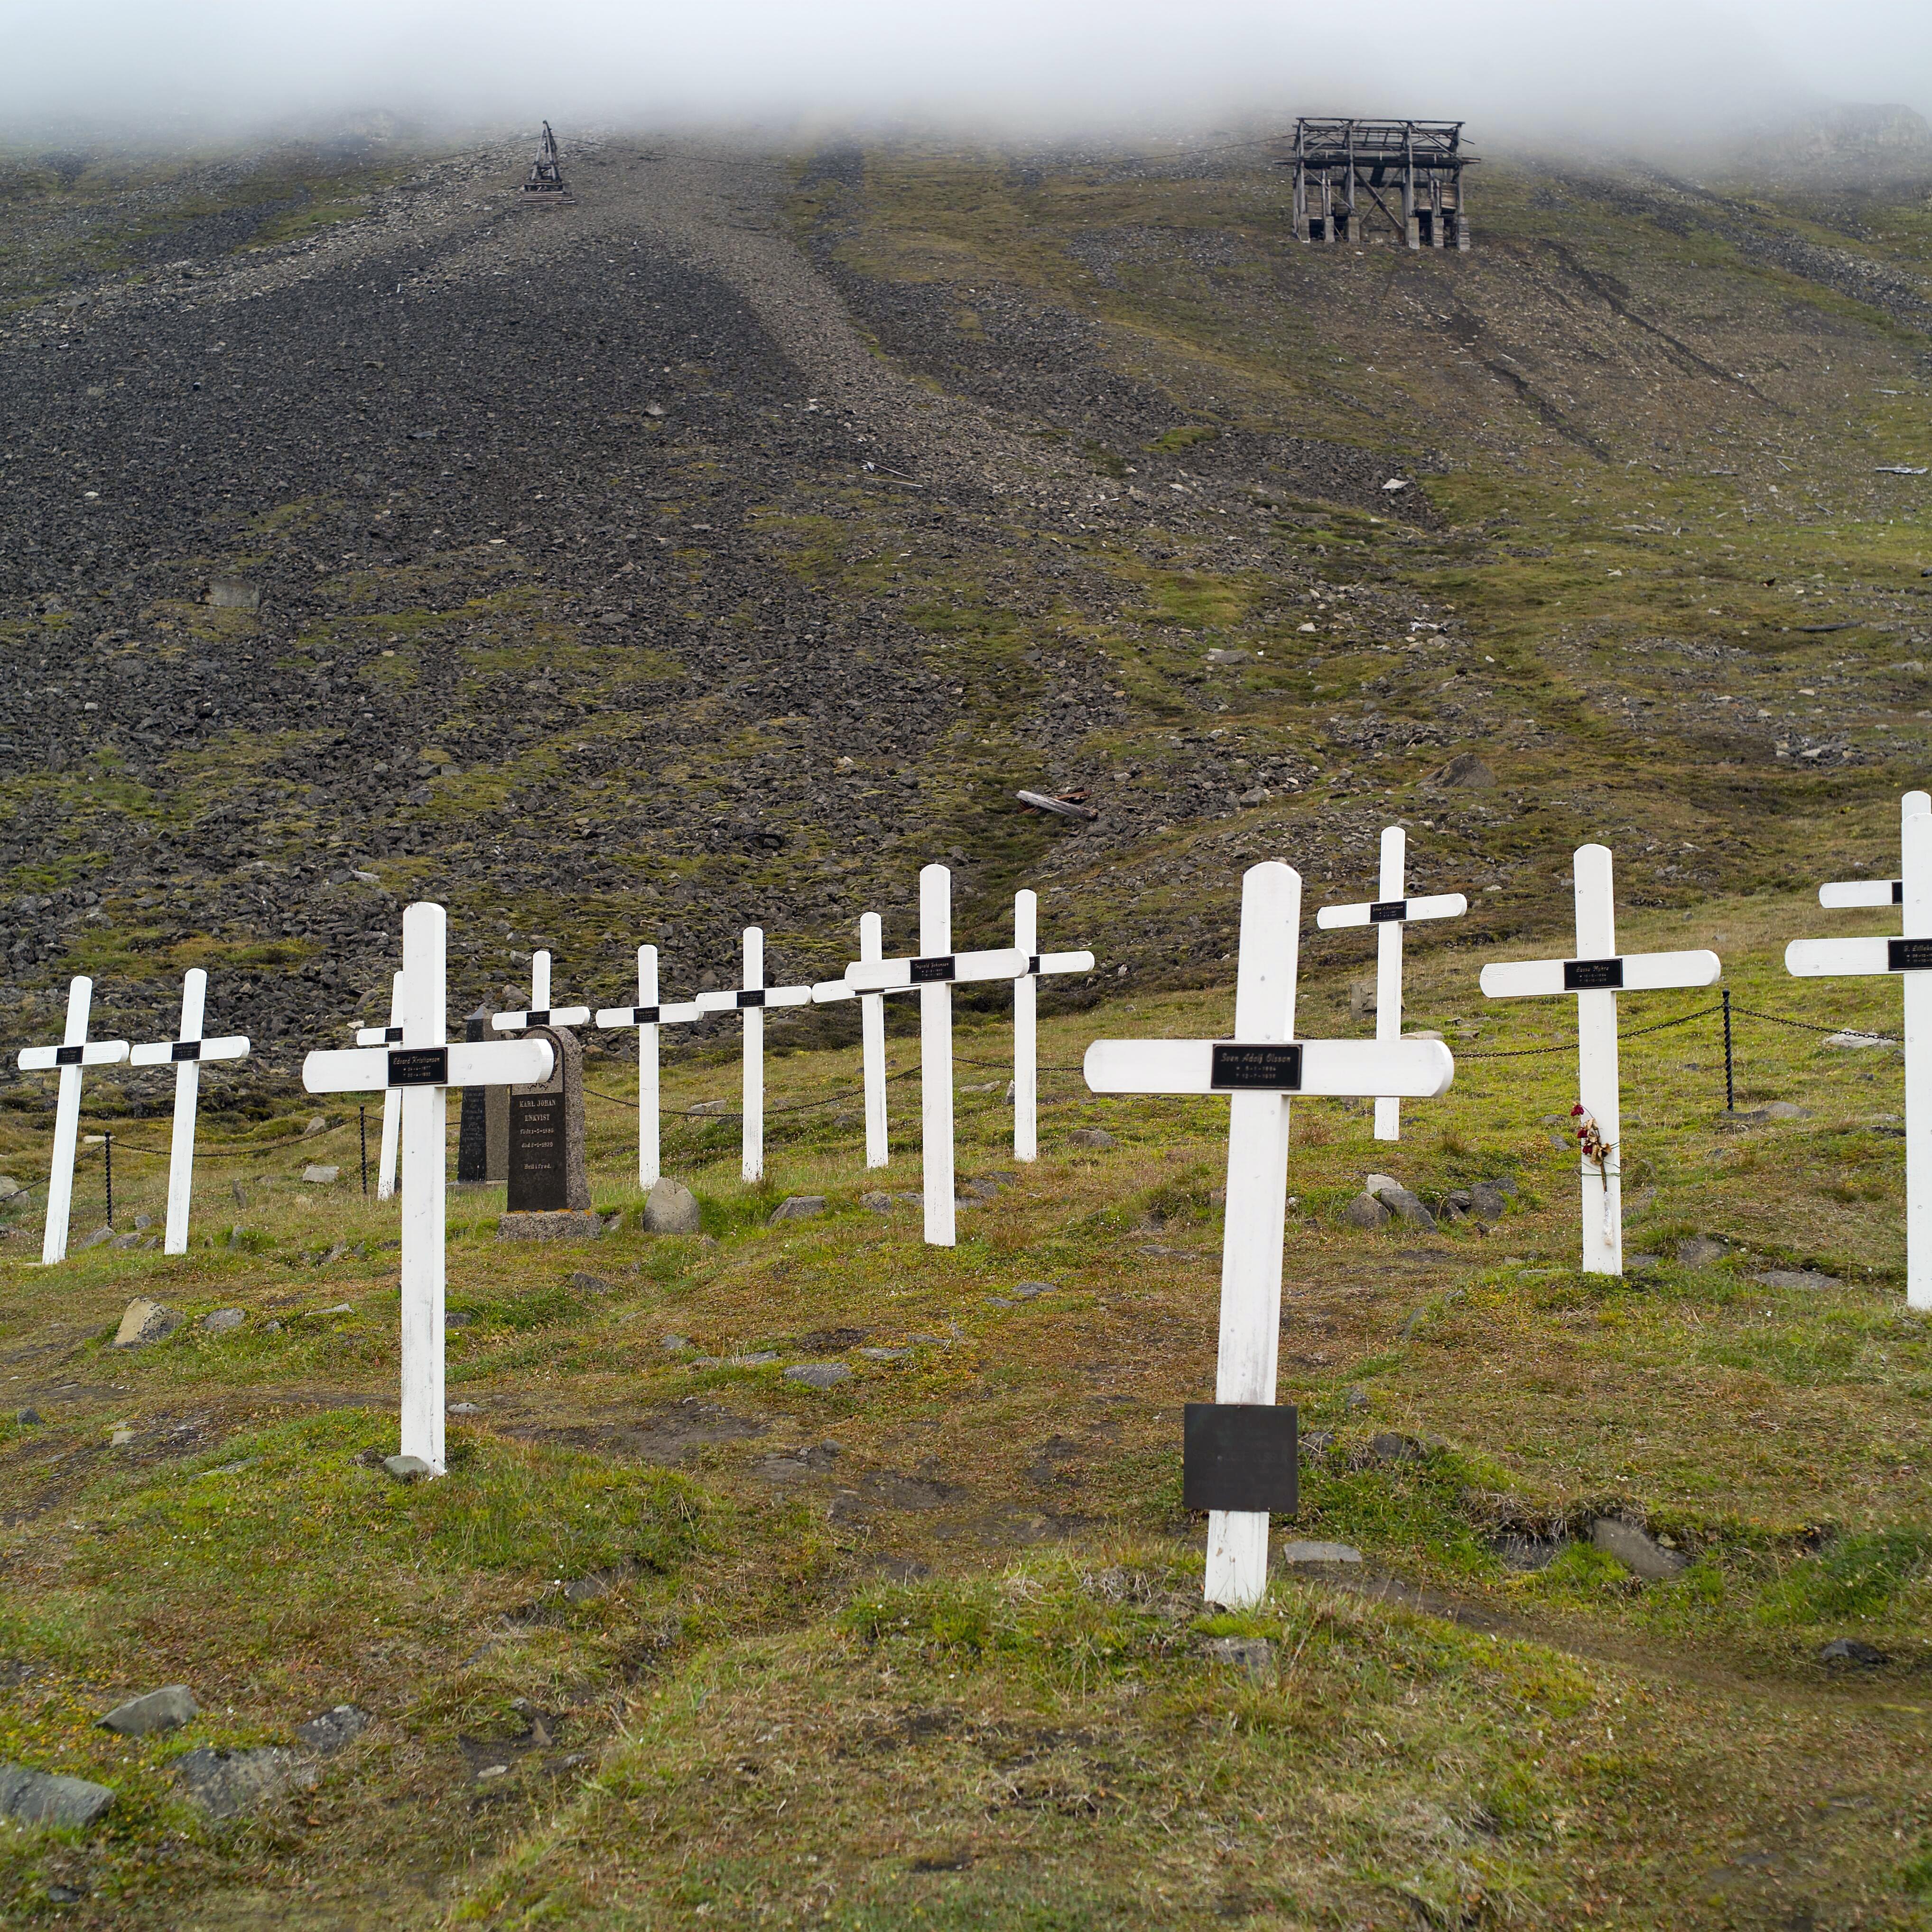 Cemetery_in_Longyearbyen_(Spitsbergen)_01